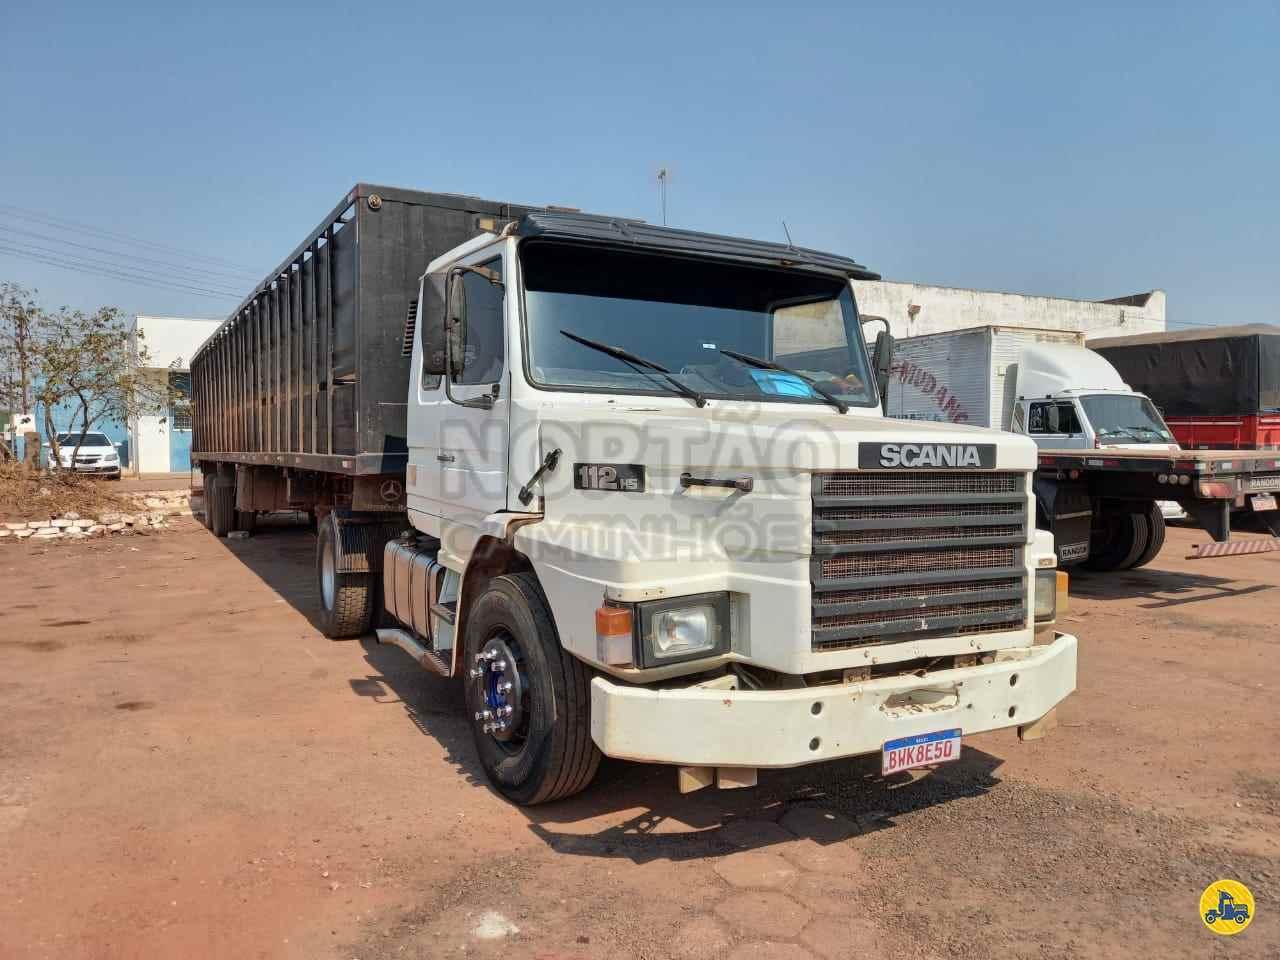 CAMINHAO SCANIA SCANIA 112 330 Boiadeiro Toco 4x2 Nortão Caminhões VARZEA GRANDE MATO GROSSO MT